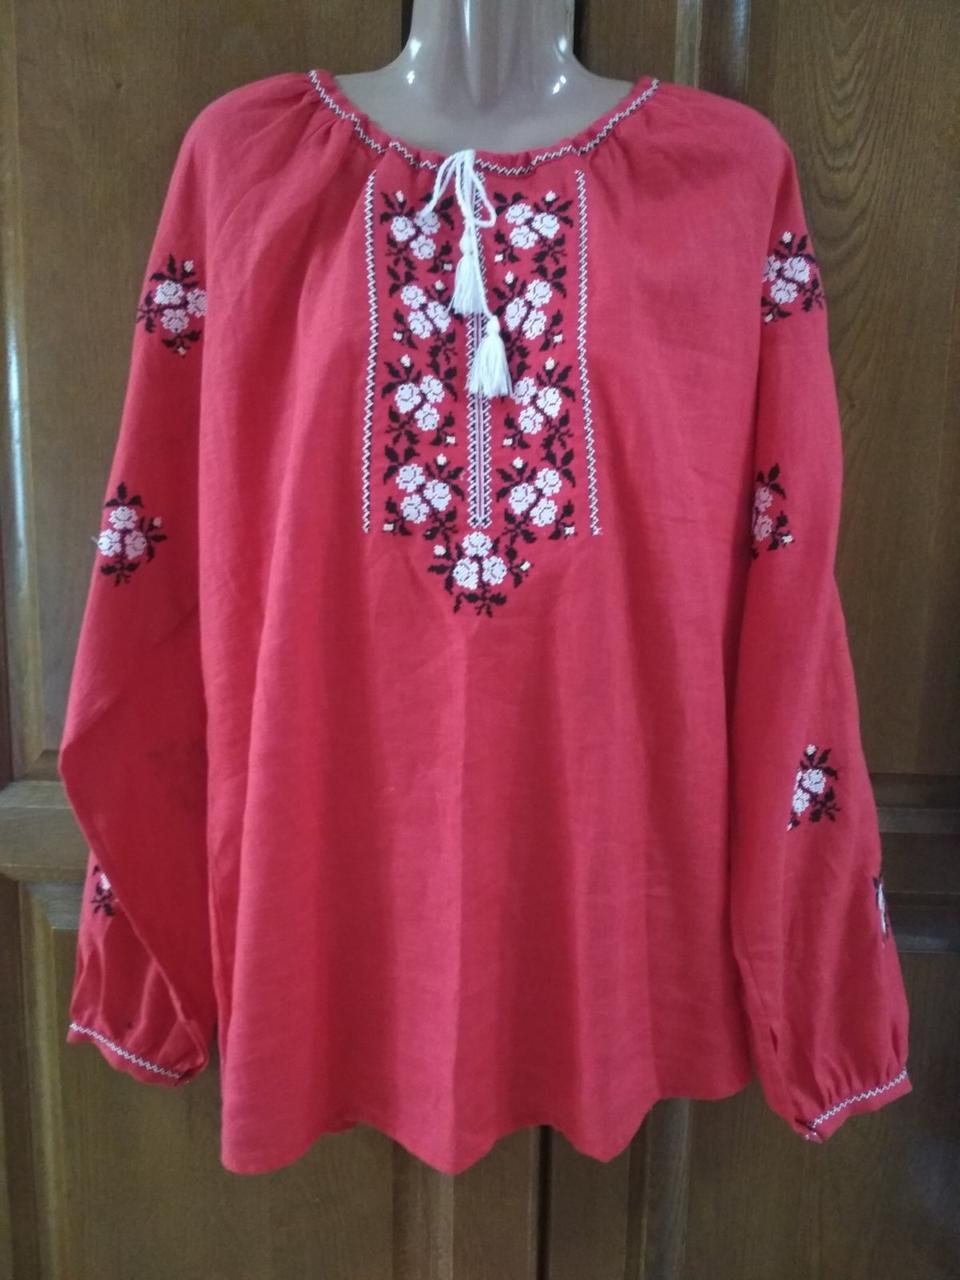 Червона жіноча вишиванка, льон , довгий рукав 56 розмір